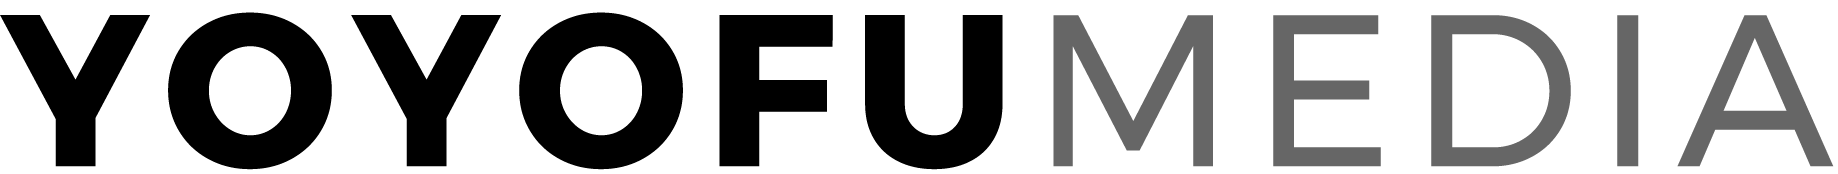 yoyofumedia logo design cropped